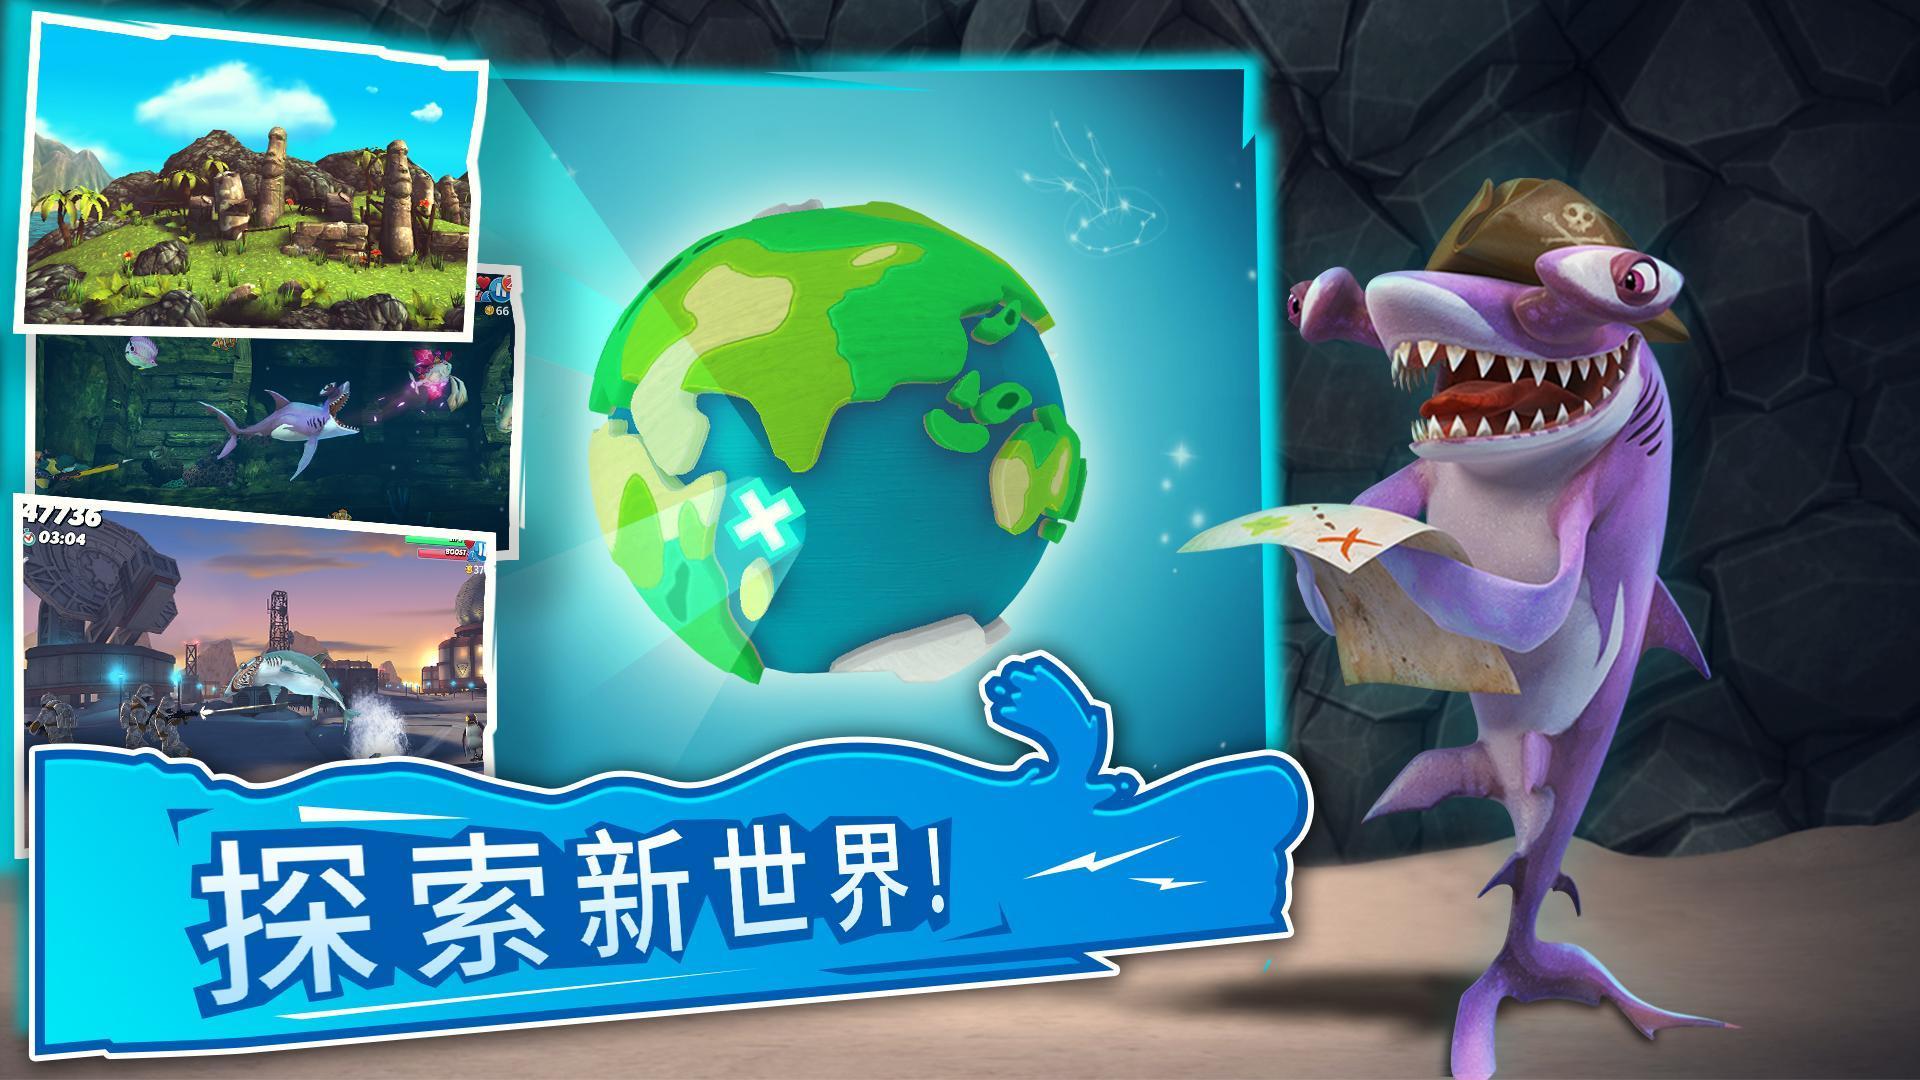 饥饿鲨世界5.0无限金币钻石内购修改最新版图1: